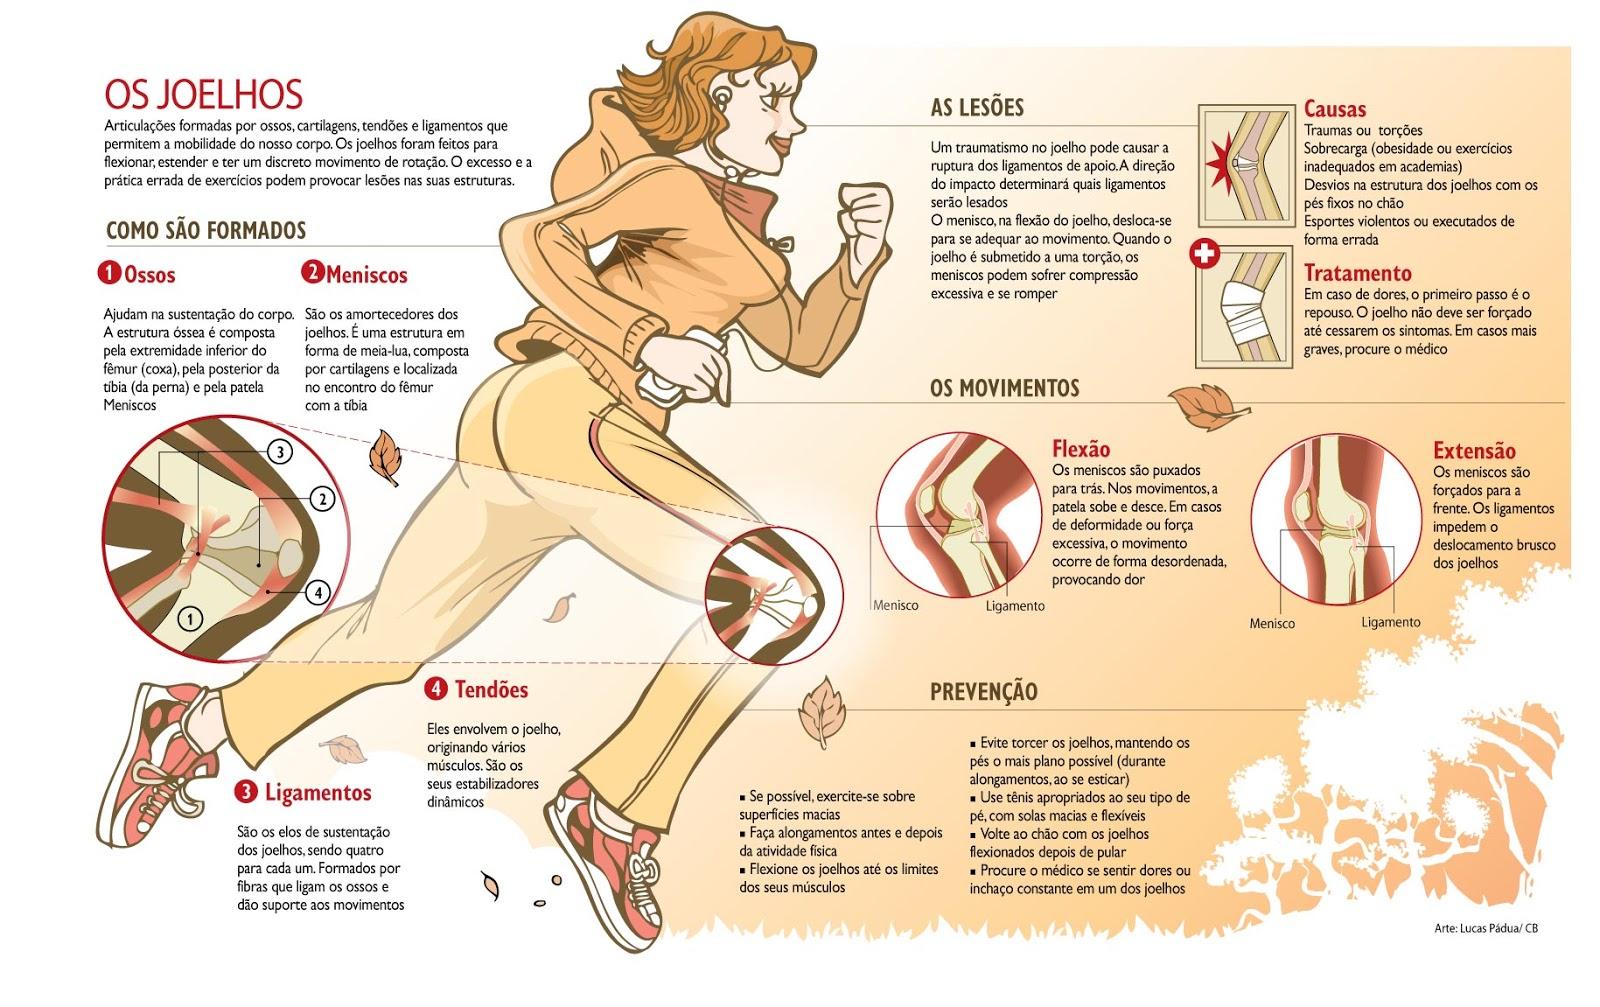 Exerc cio f sico e sa de joelhos for Exercicio para interno de coxa